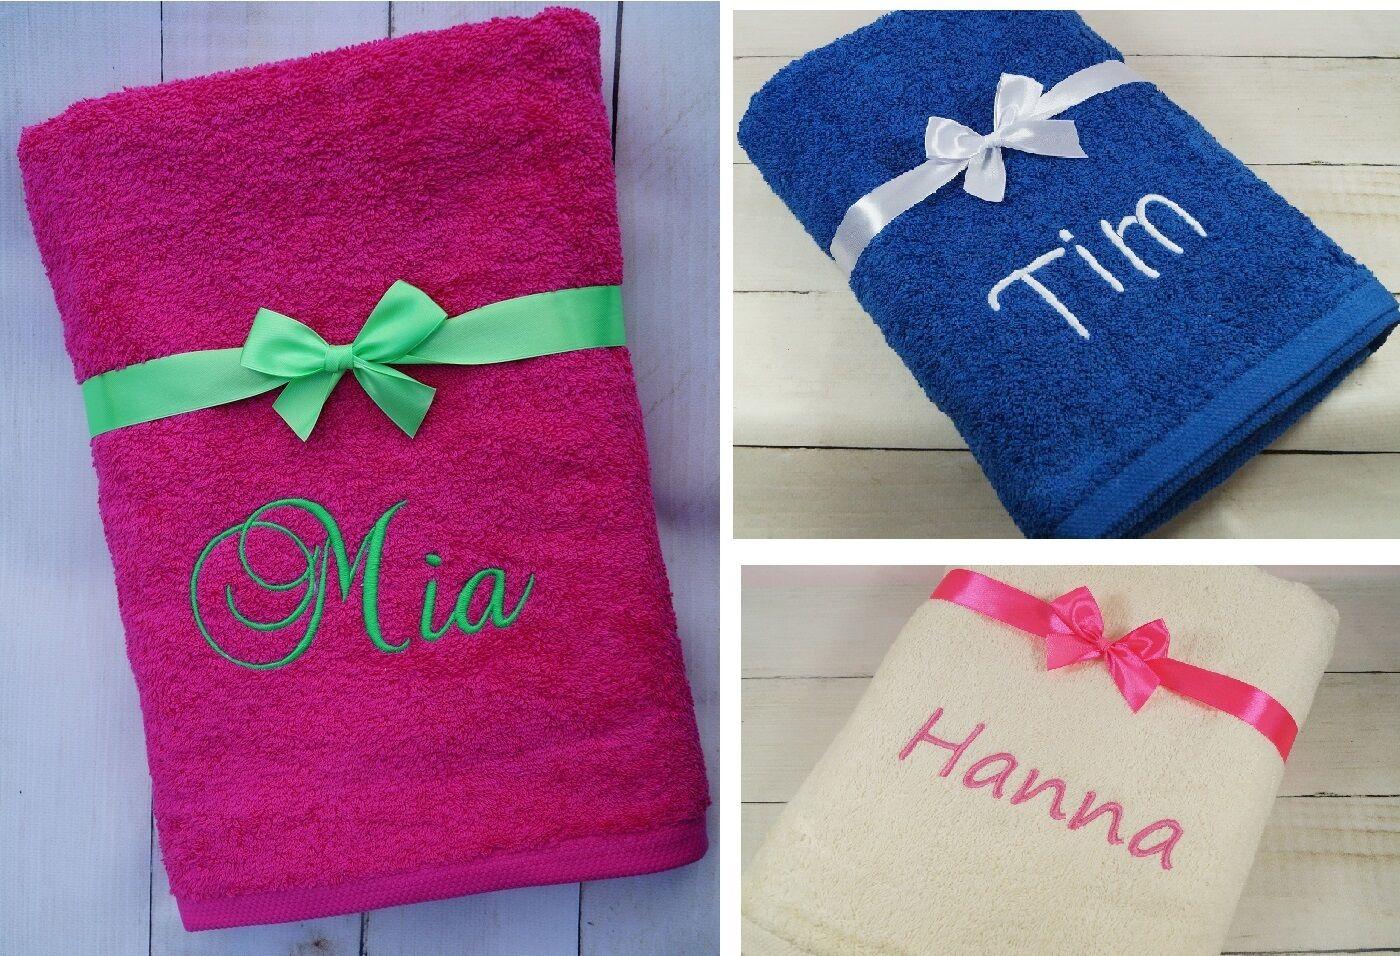 ★ Handtuch mit Namen bestickt ★ Badetuch ★  Weihnachten ★ Geschenk ★ 550 g/m2 ★